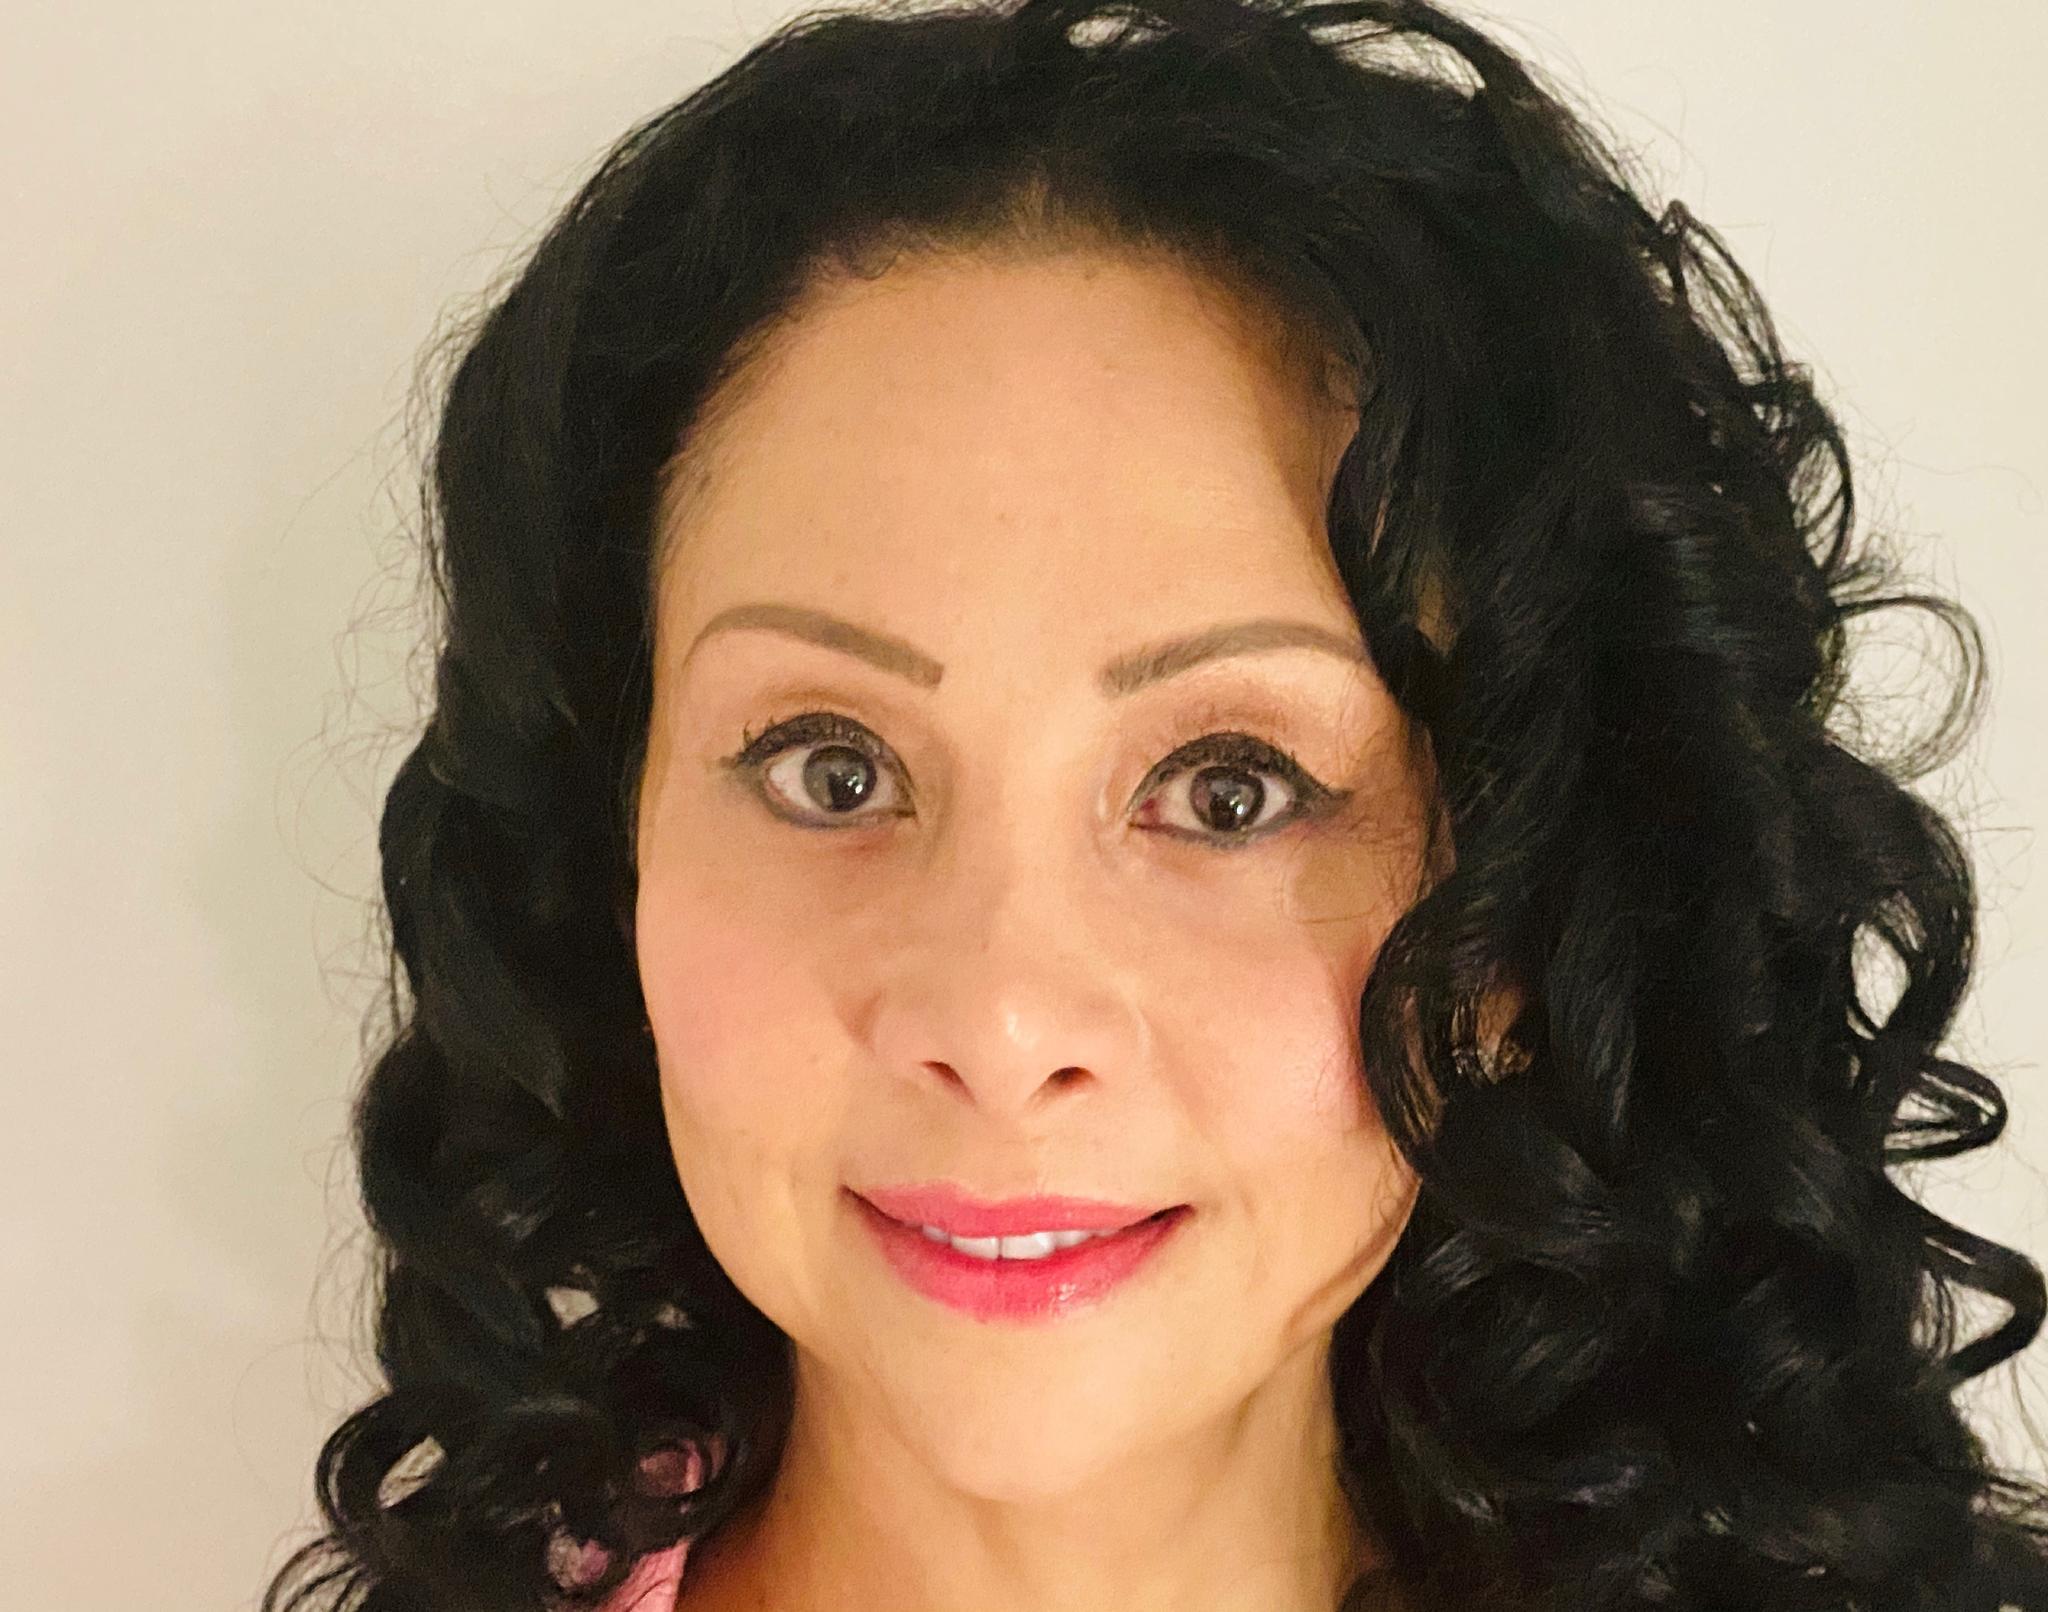 Diana Carolan